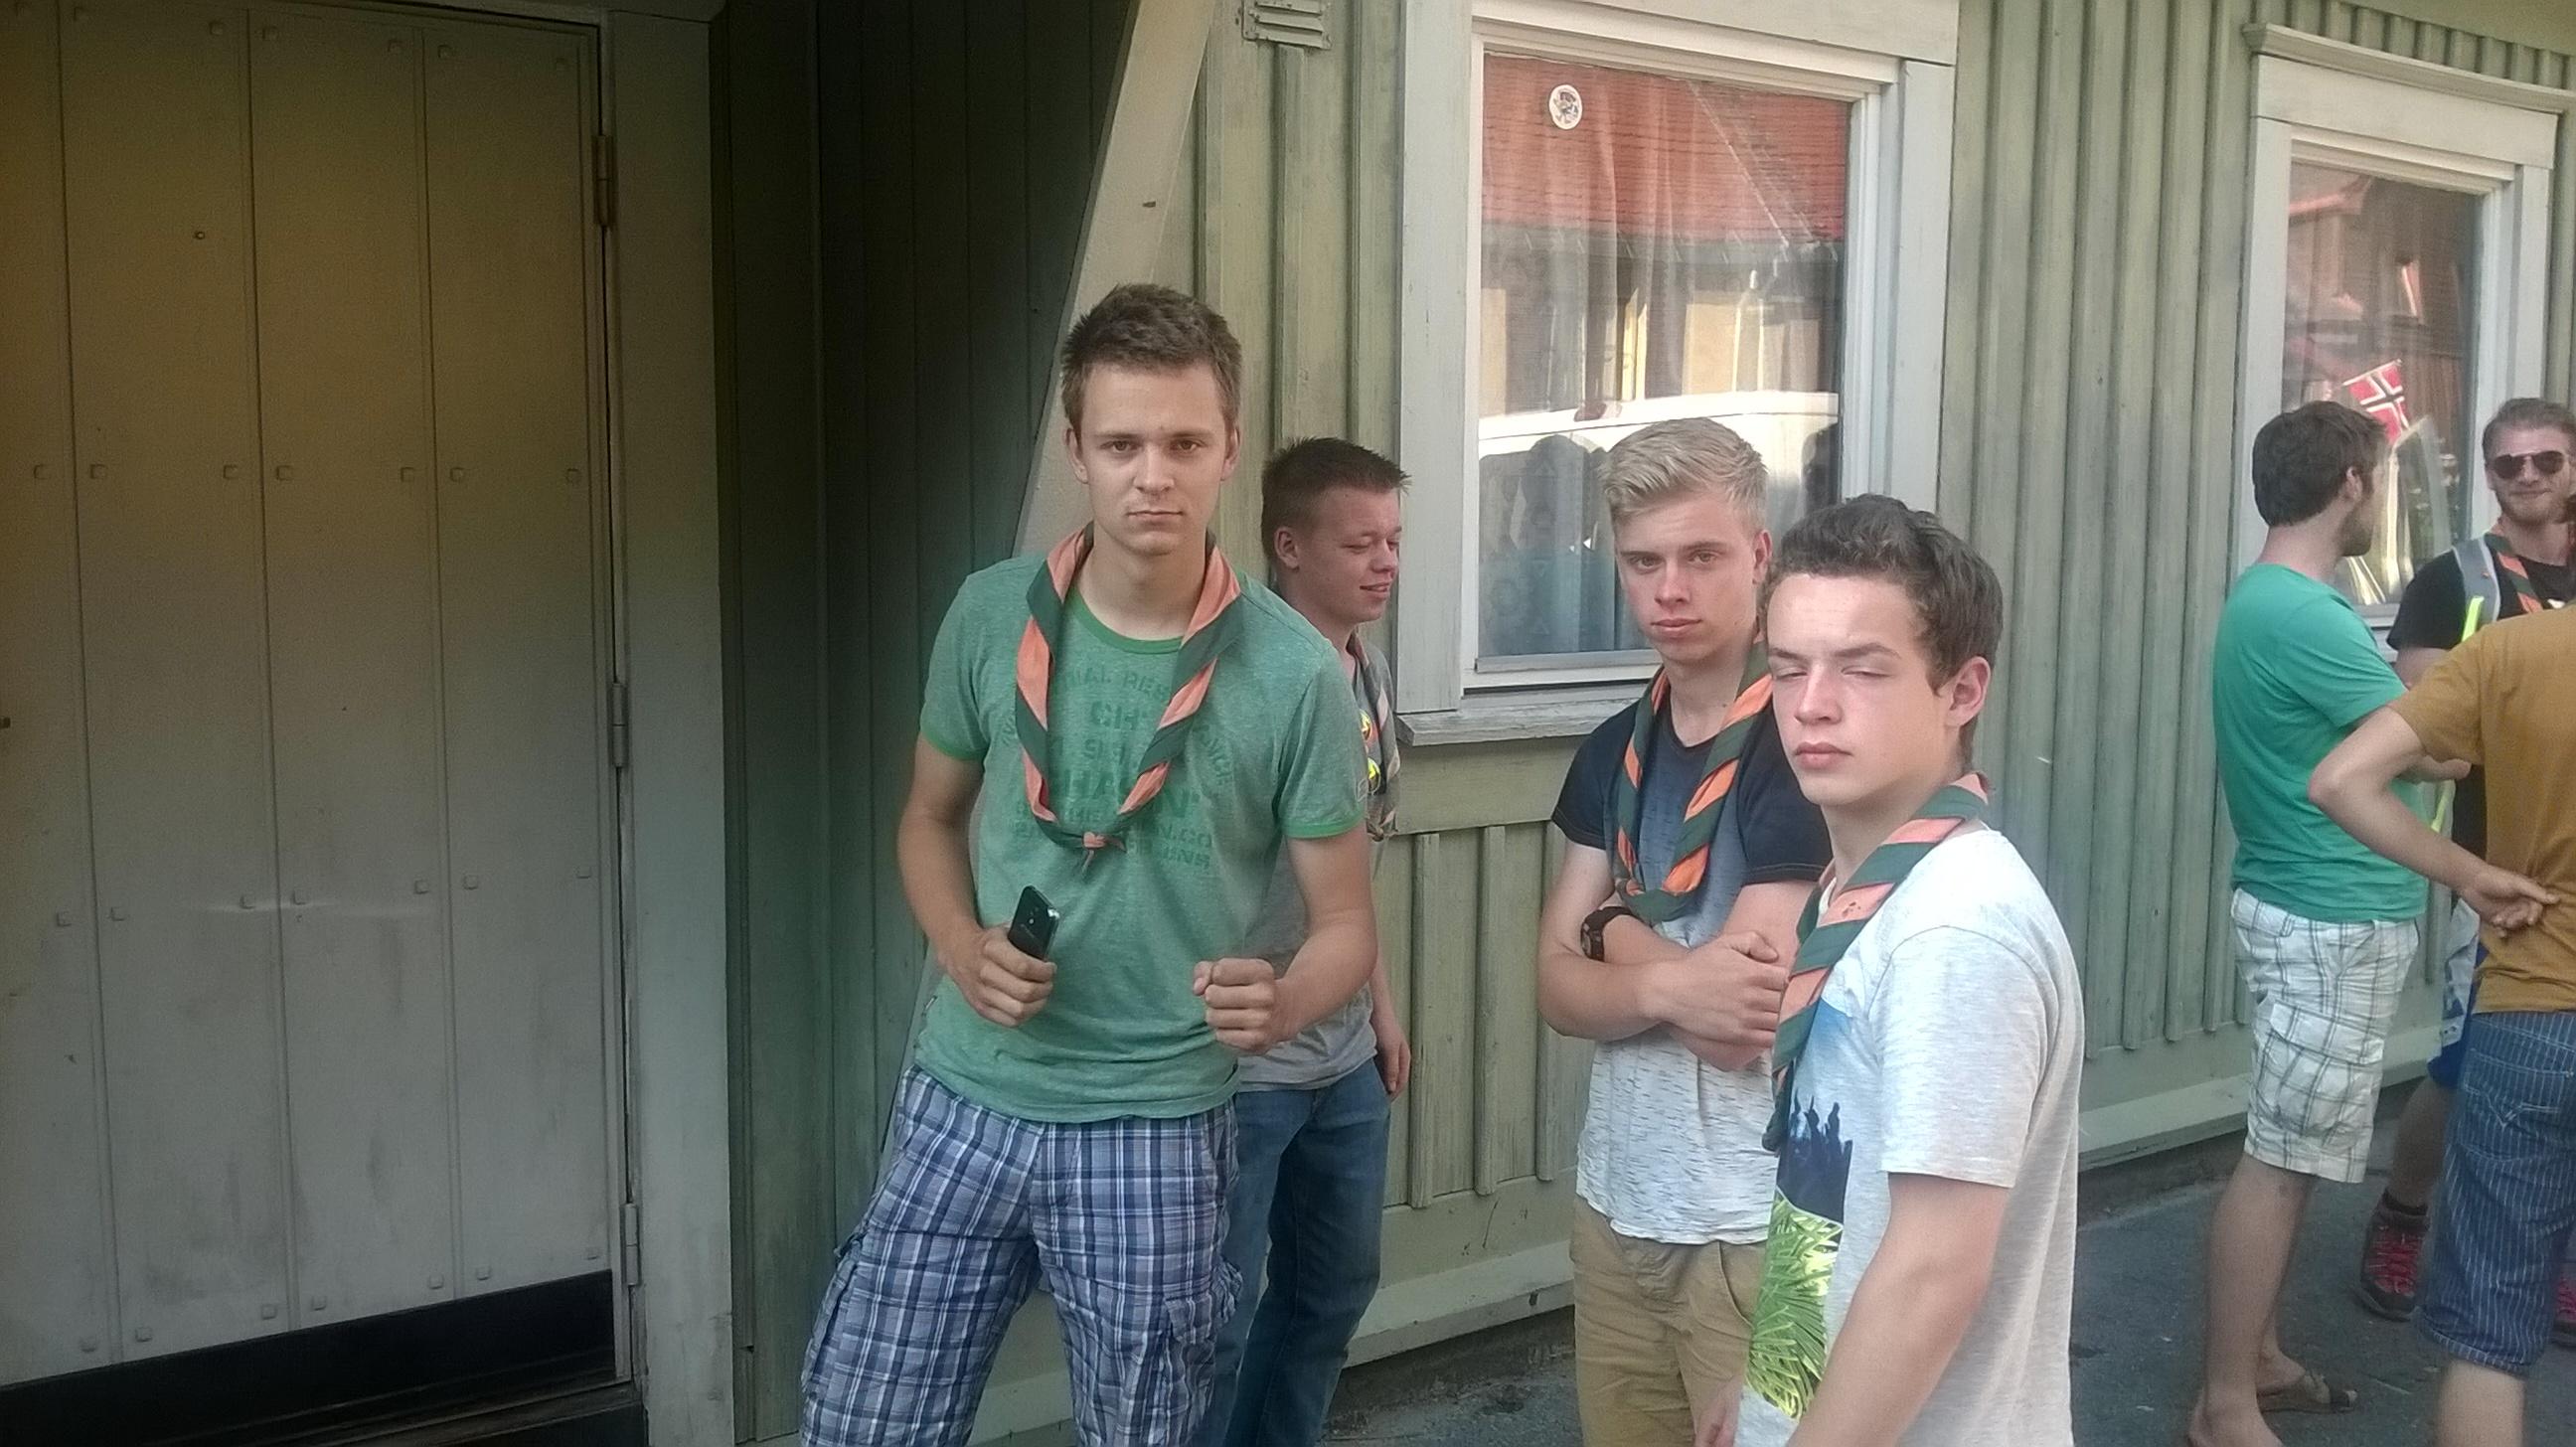 We zijn net aangekomen in bij het gebouw van de scouting groep in Rjukan, het was een lange, zware reis...